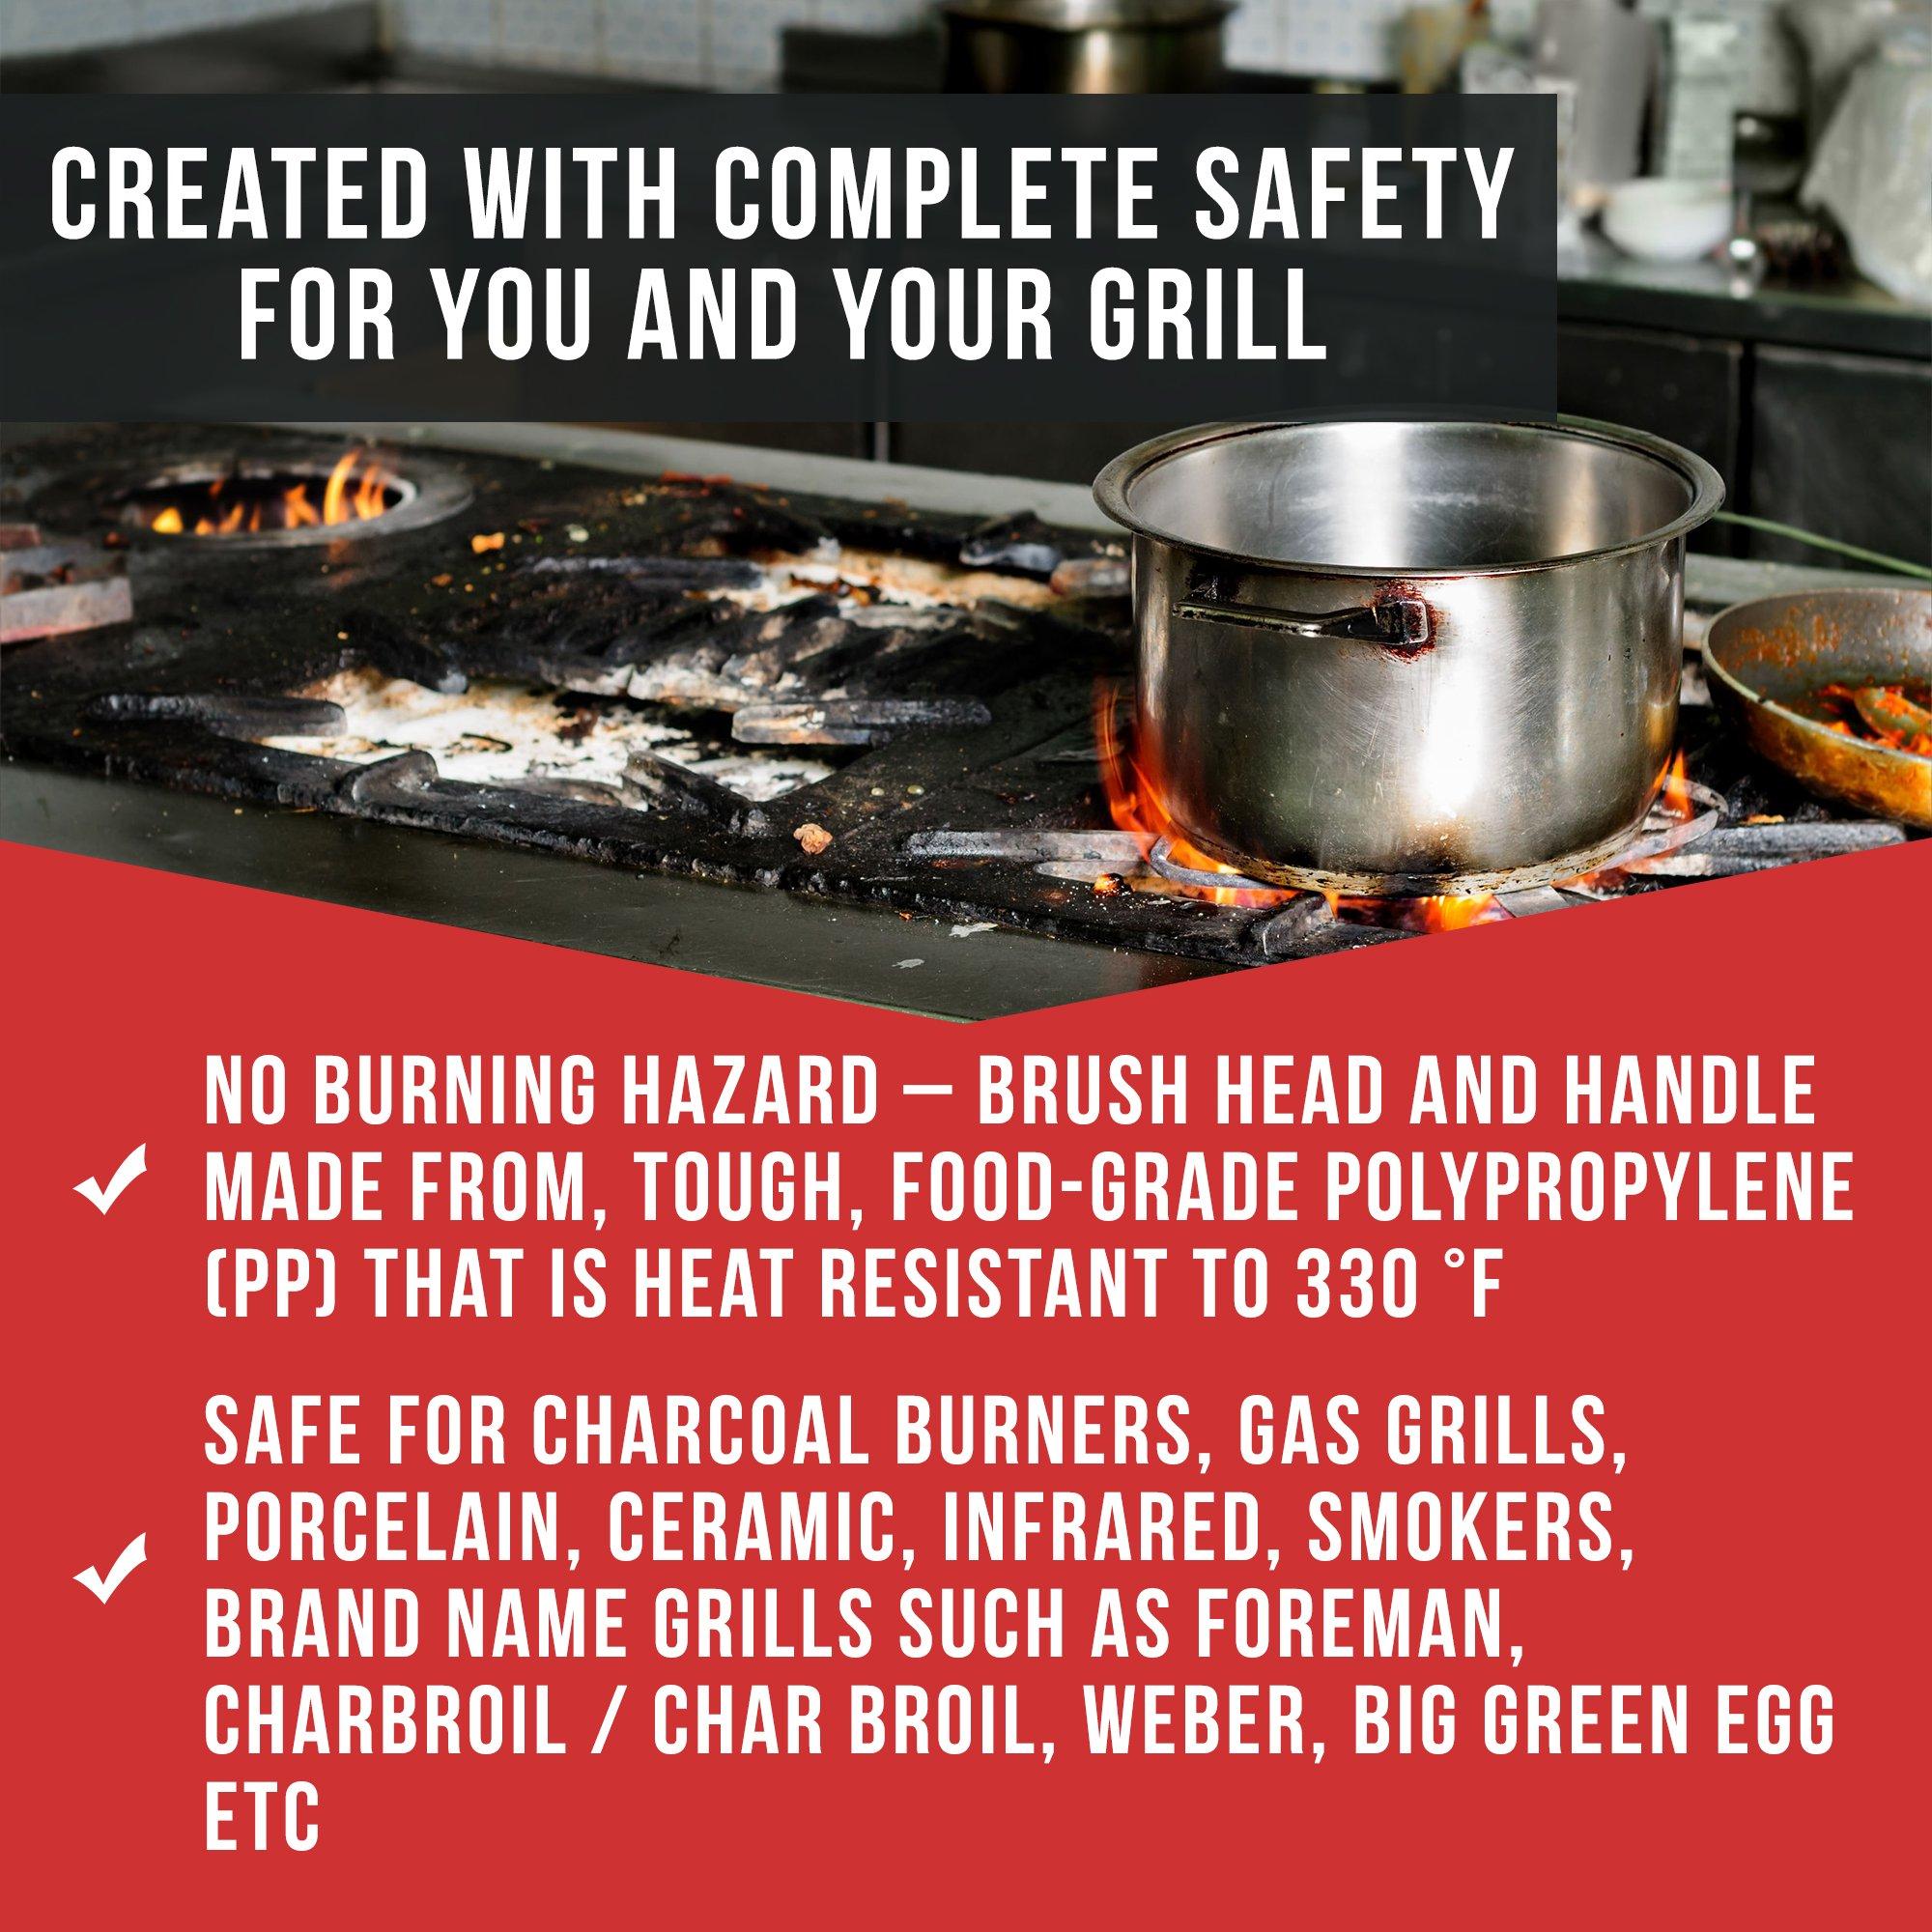 Chef Remi BBQ Grillbüste - Lebenslange Ersatzgarantie - Best bewertetes BBQ Zubehör für den Grill oder den BBQ - Grillzubehör oder Grillwerkzeug - Geschenk für den Mann, Vater, Onkel, Bruder etc.